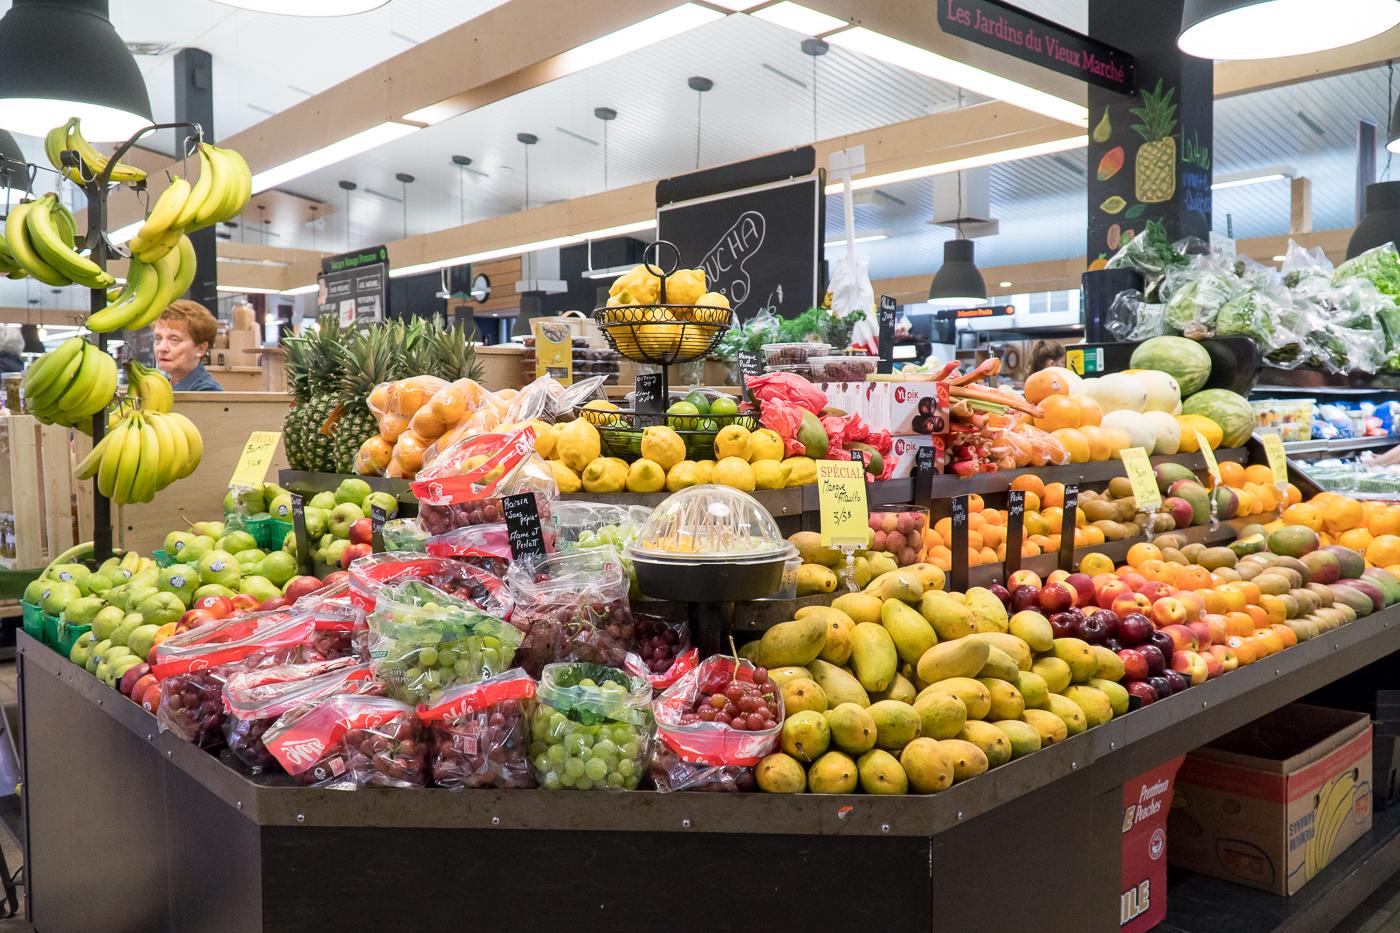 Étalage de fruits et légumes au marché public de Drummondville